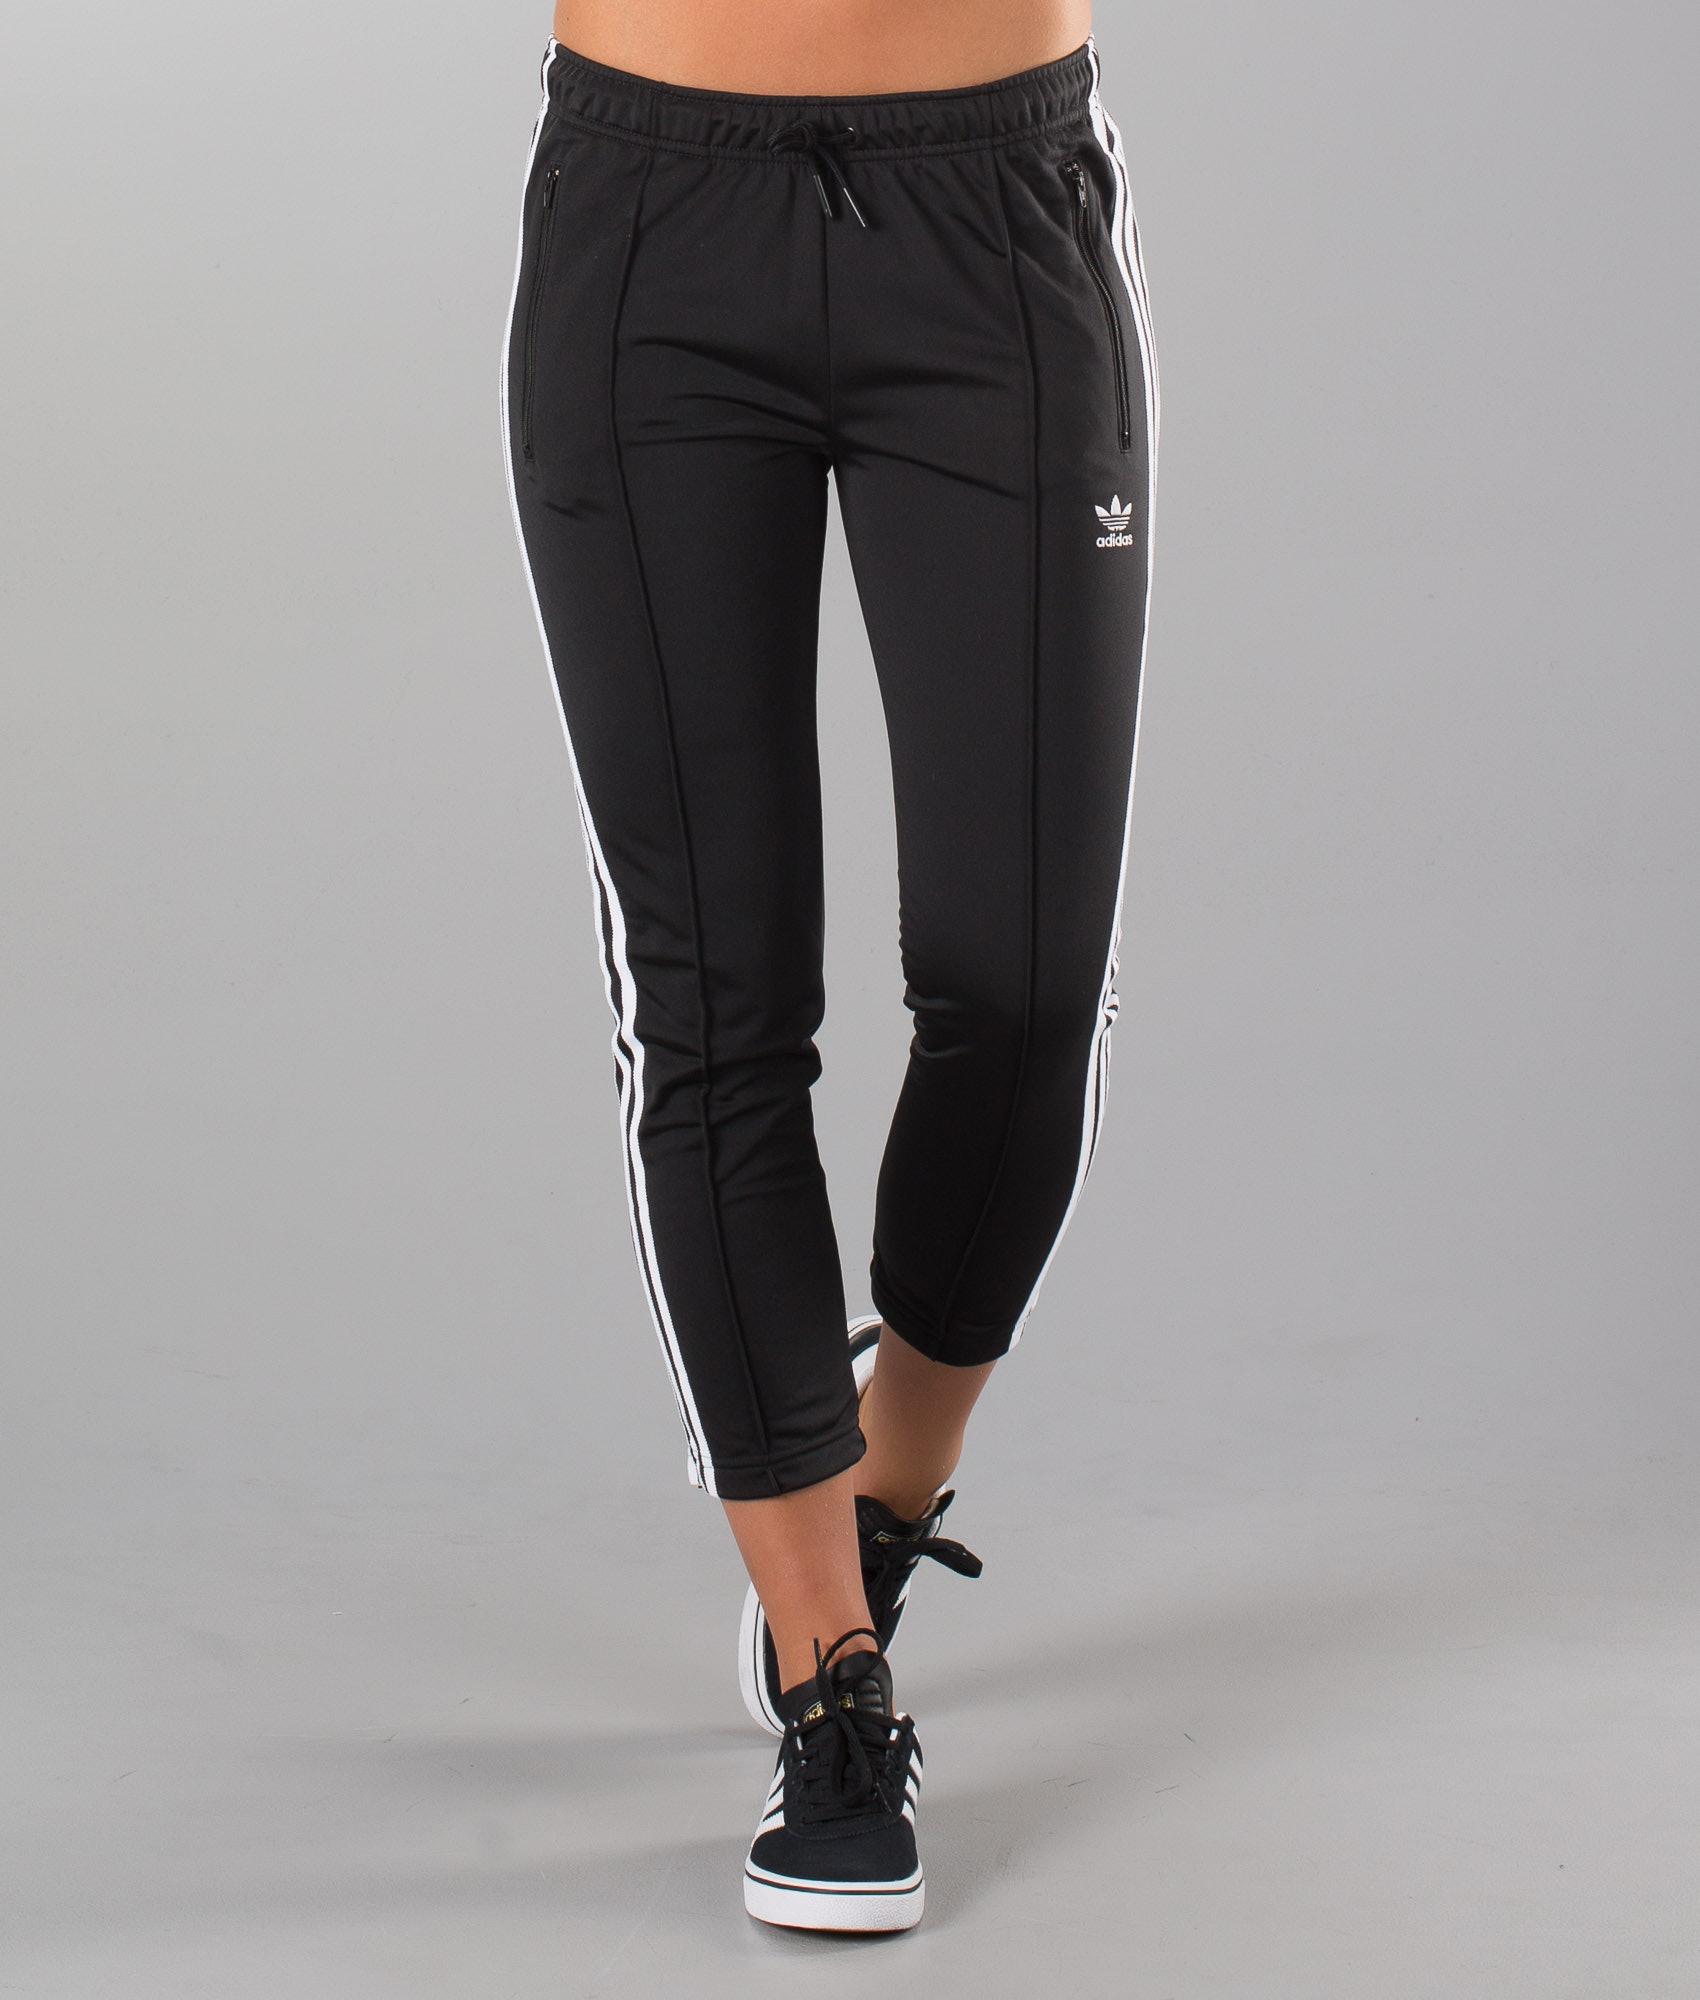 Adidas Originals Cigarette Pants Byxa Black - Ridestore.se 5a432fd8a9931